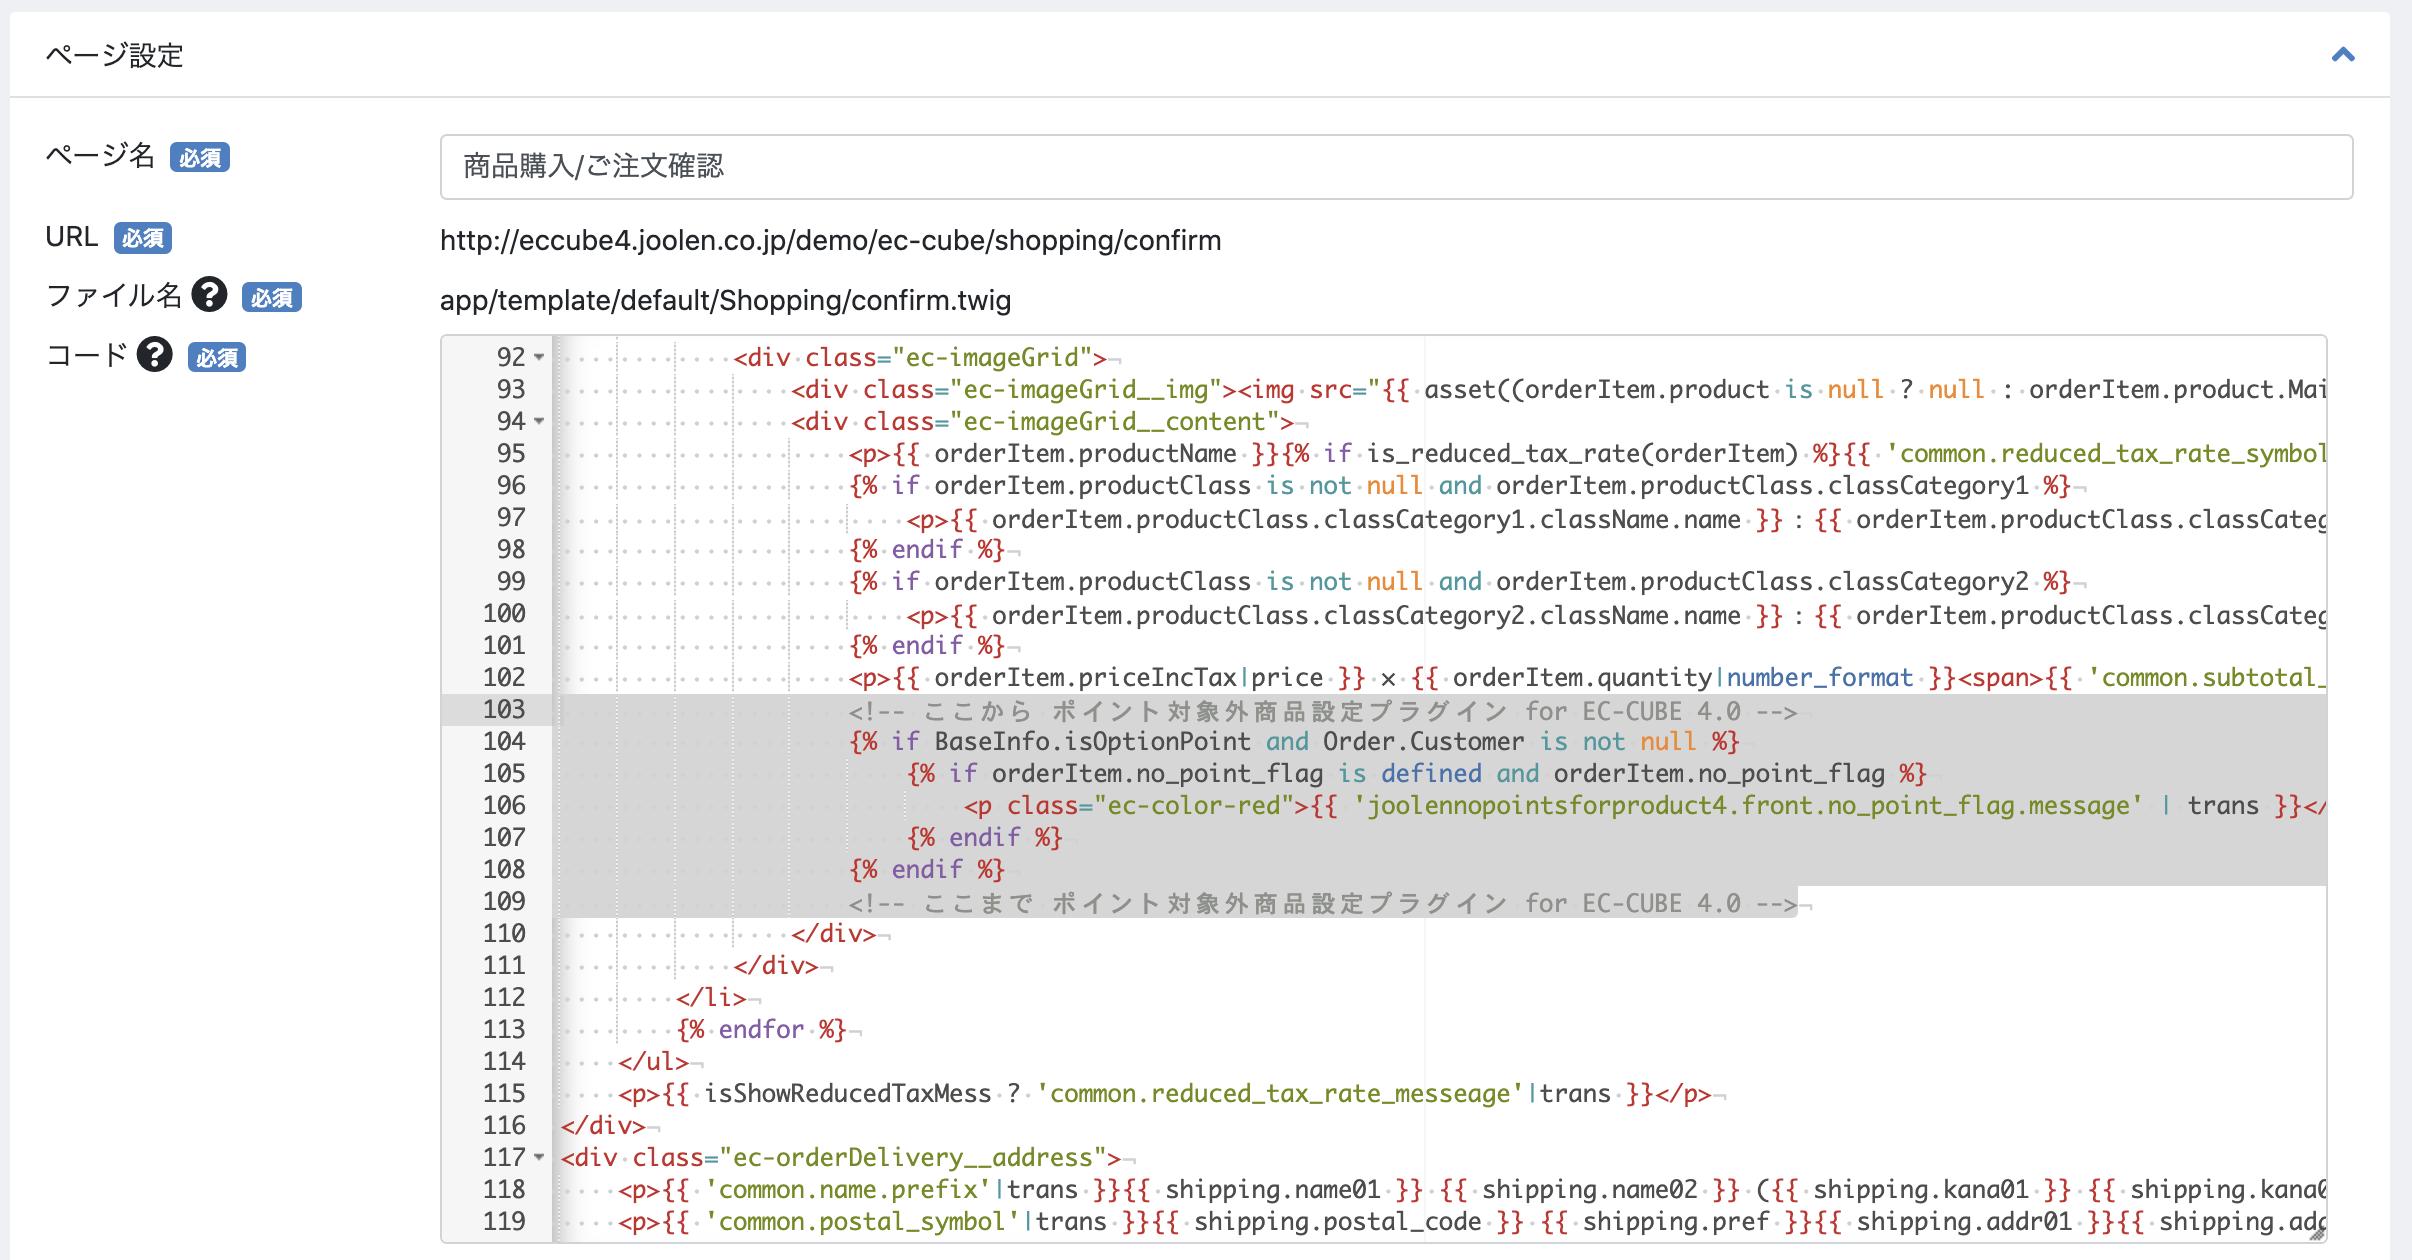 ポイント対象外商品設定プラグイン for EC-CUBE 4.0